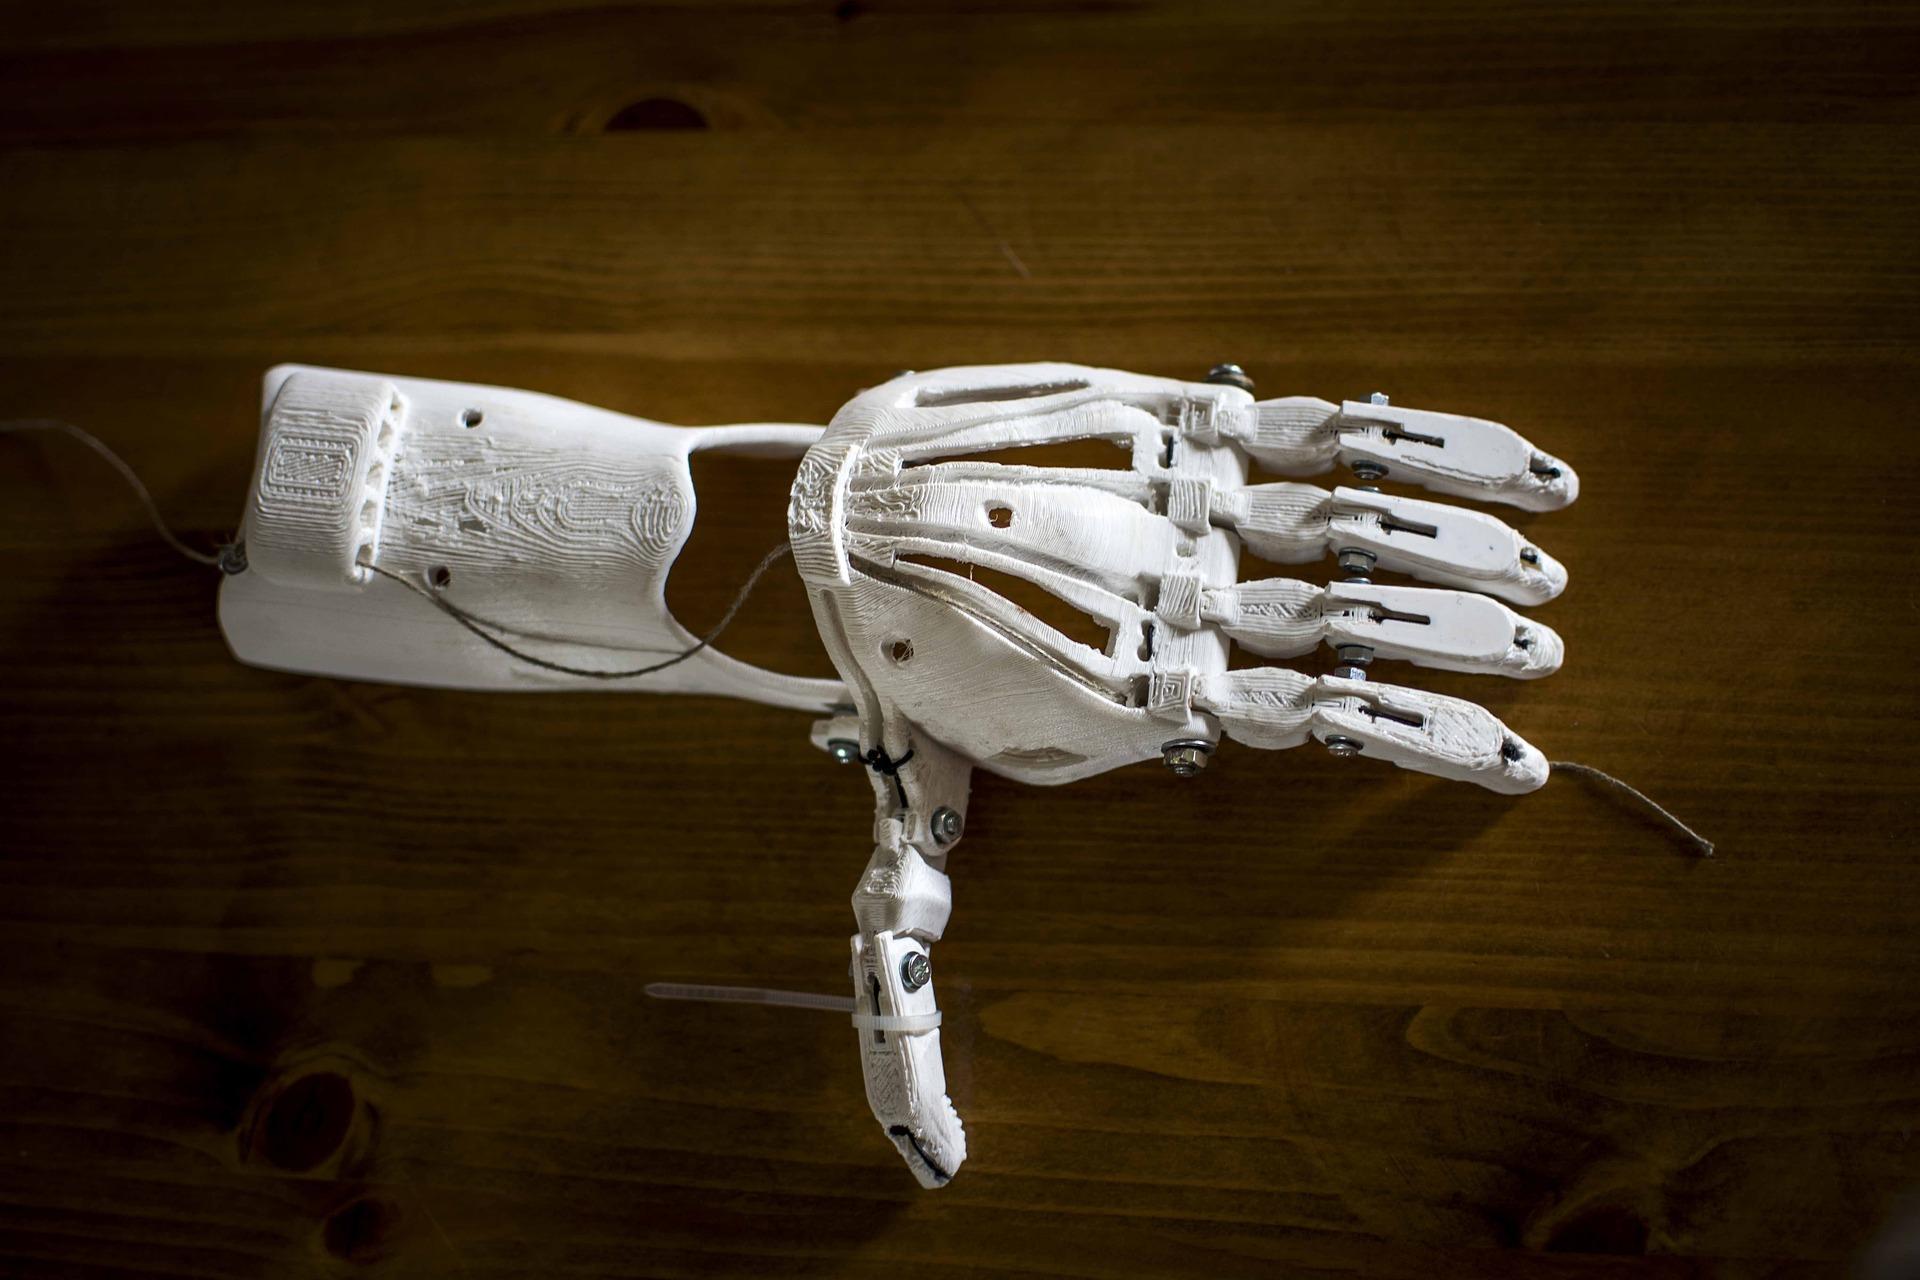 Imagem mostra uma prótese de mão e braço feita com impressora 3D.